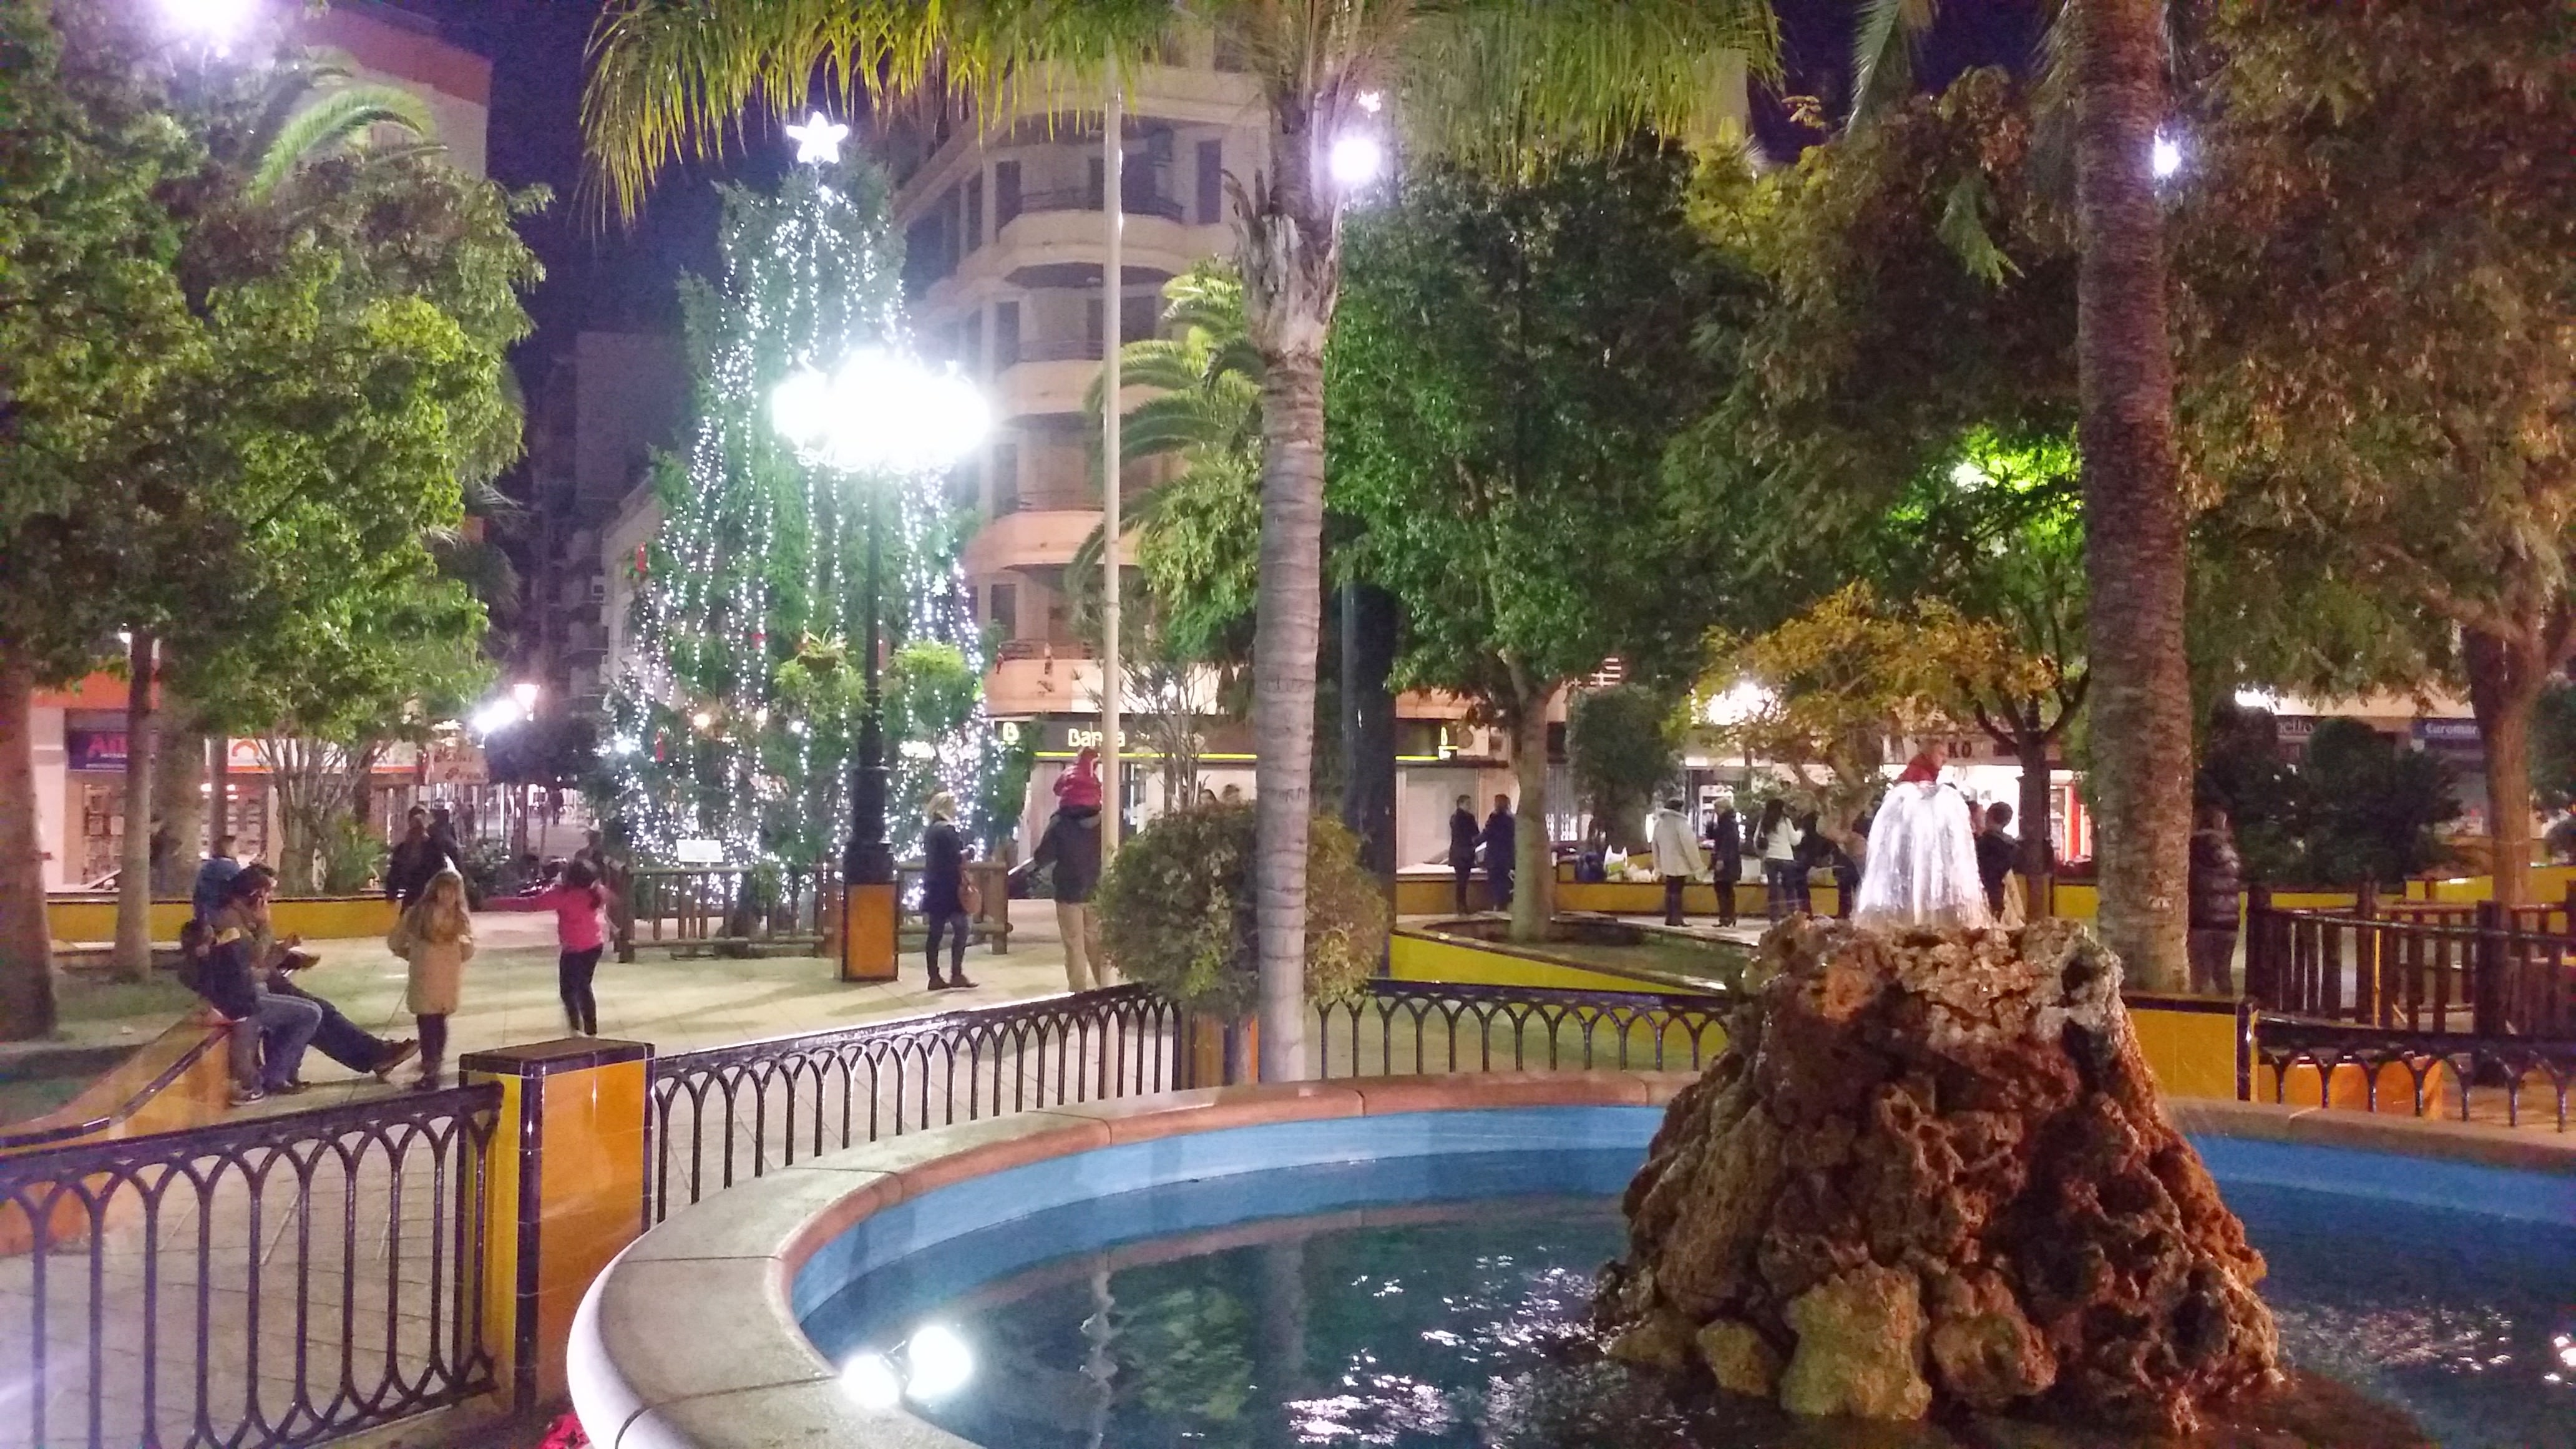 Plaza de la Constitución zu Weihnachten